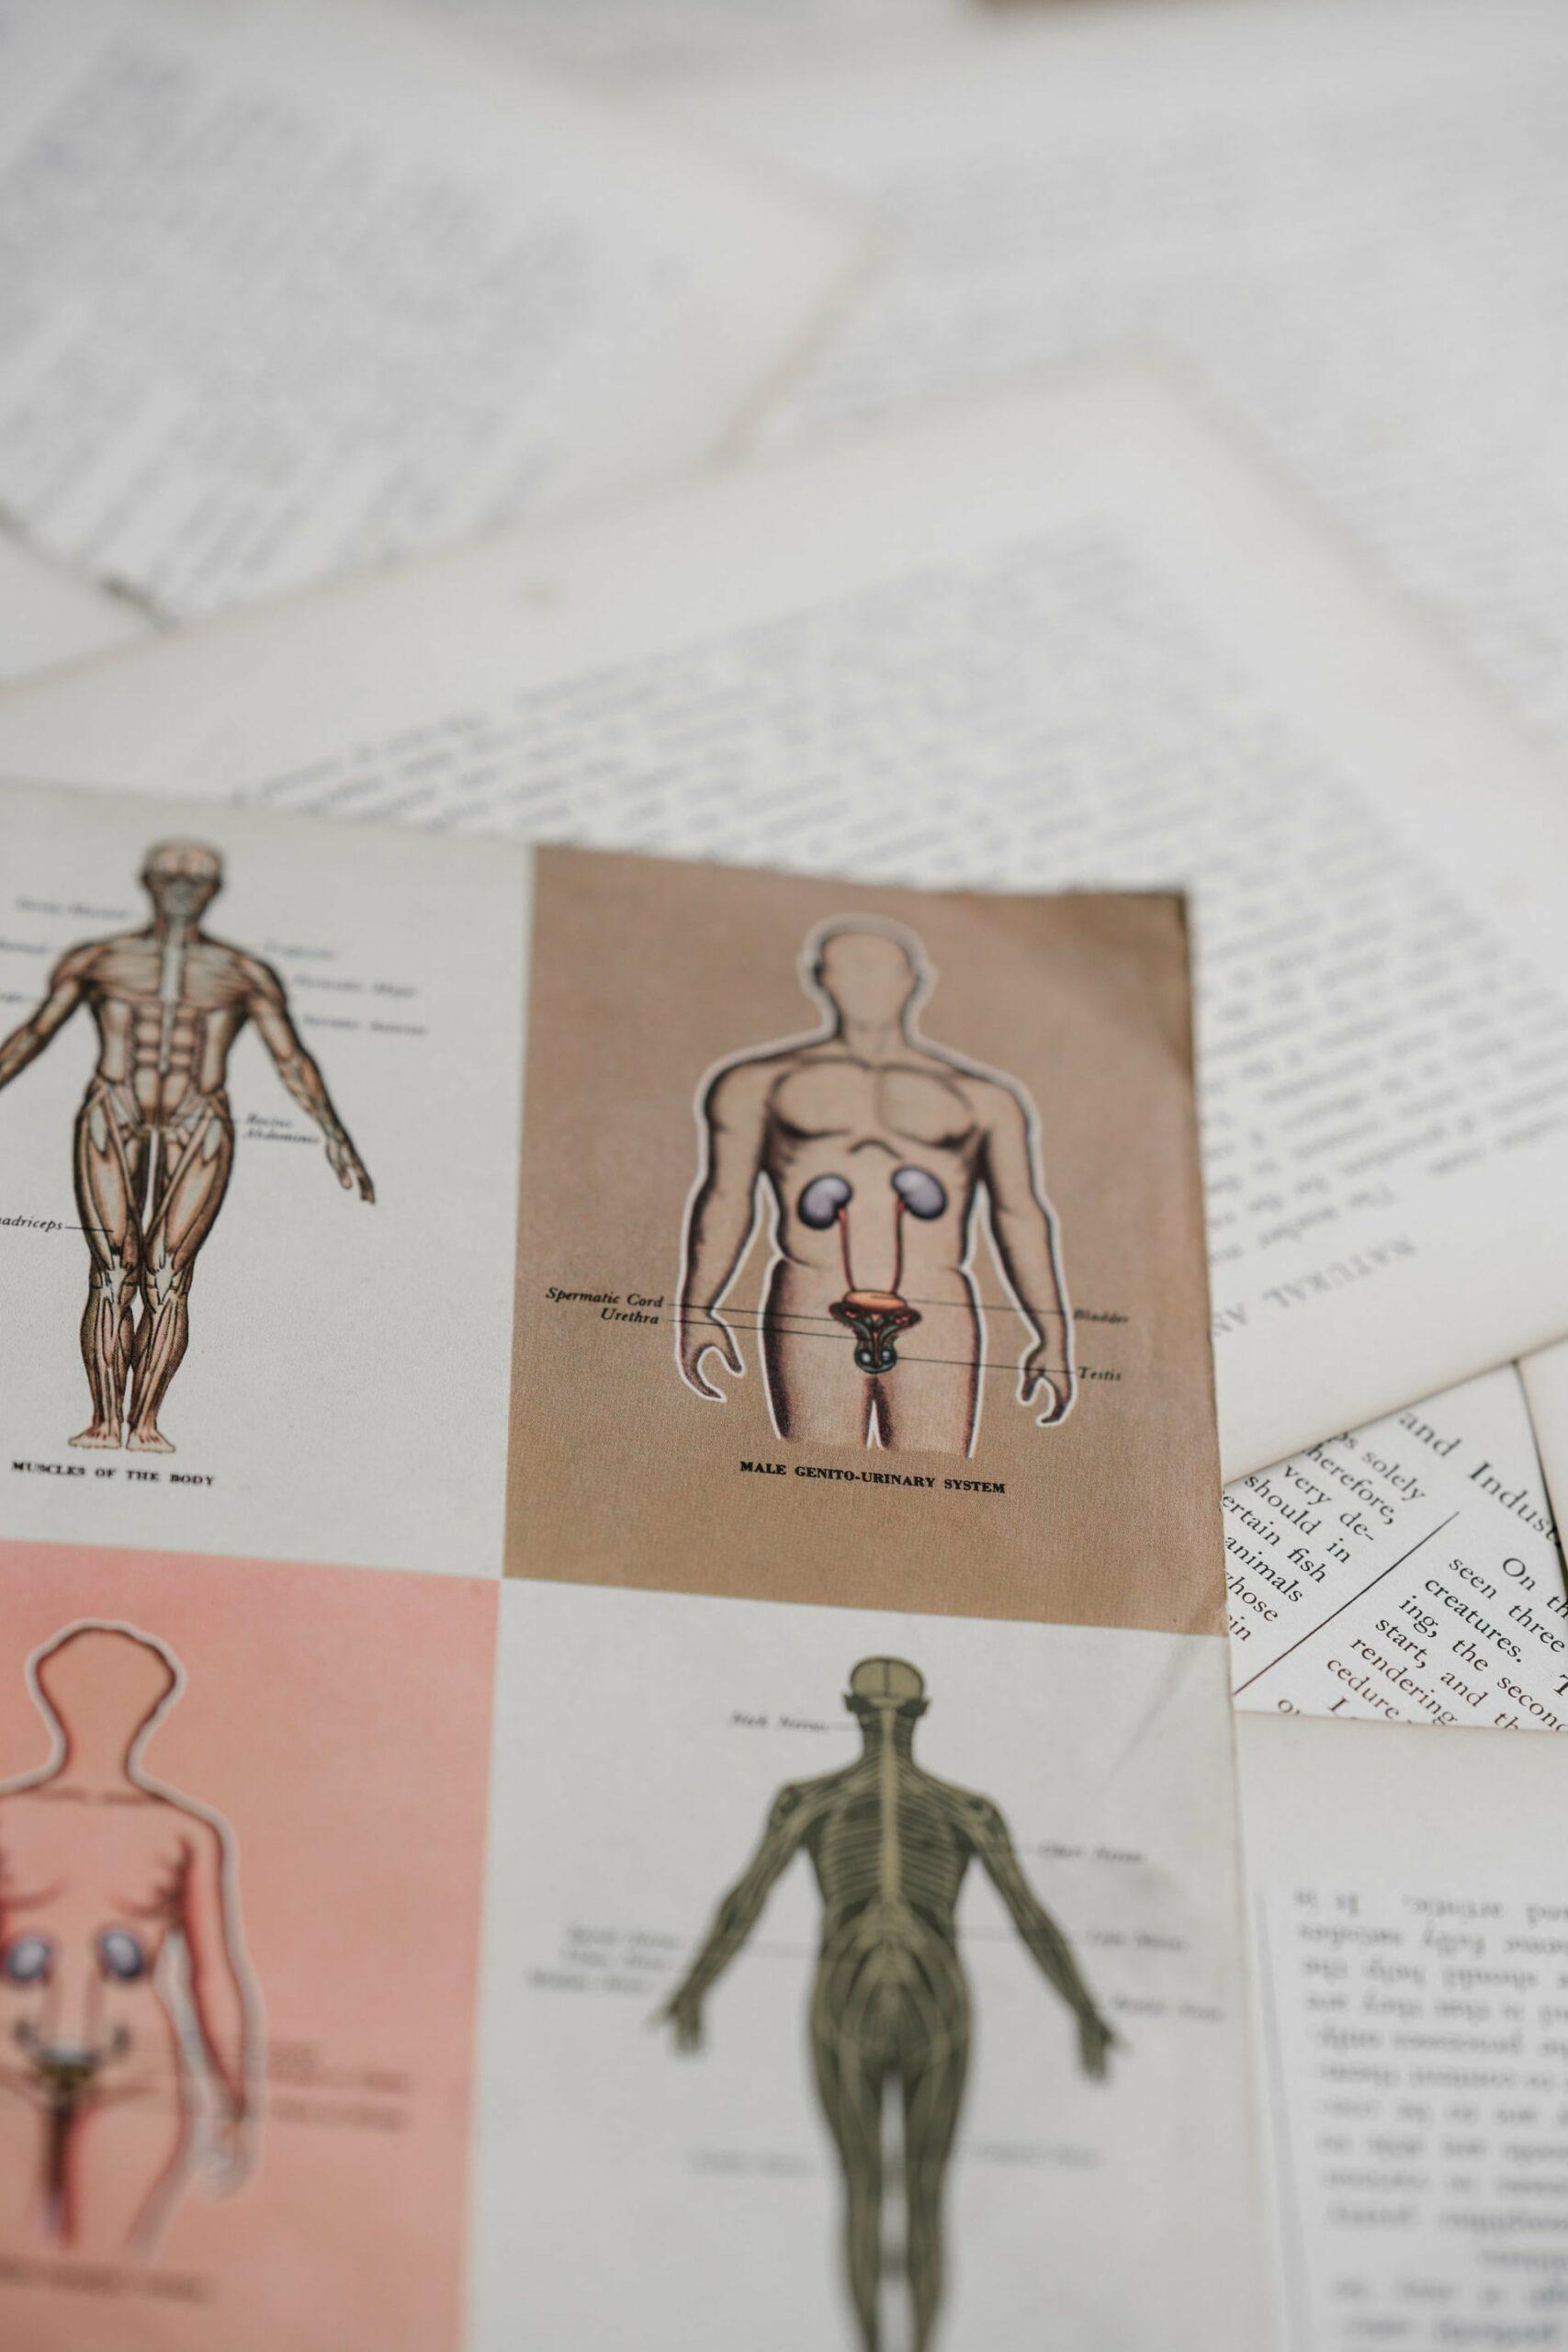 une page décrivant les canaux sanguins du corps humain